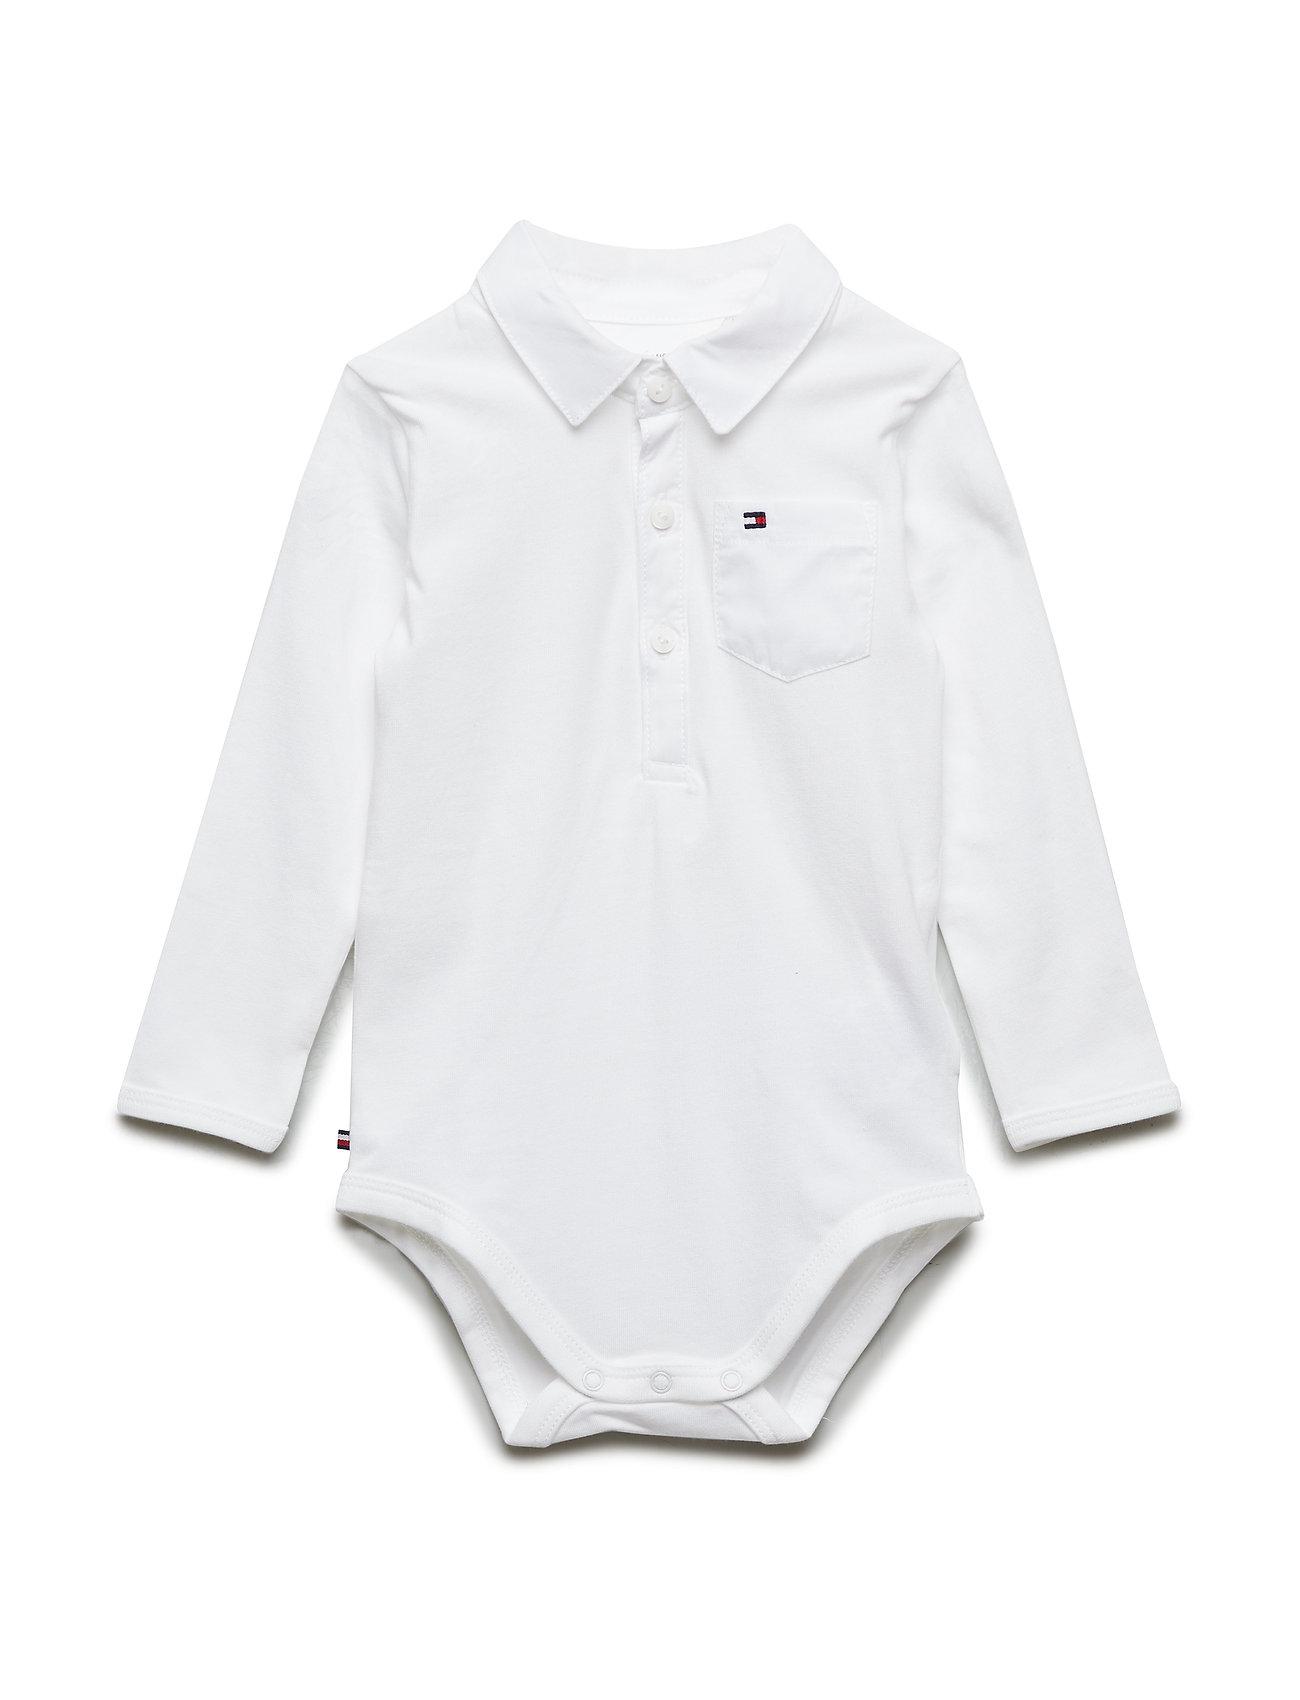 Tommy Hilfiger BABY BOY POPLIN BODY L/S - BRIGHT WHITE